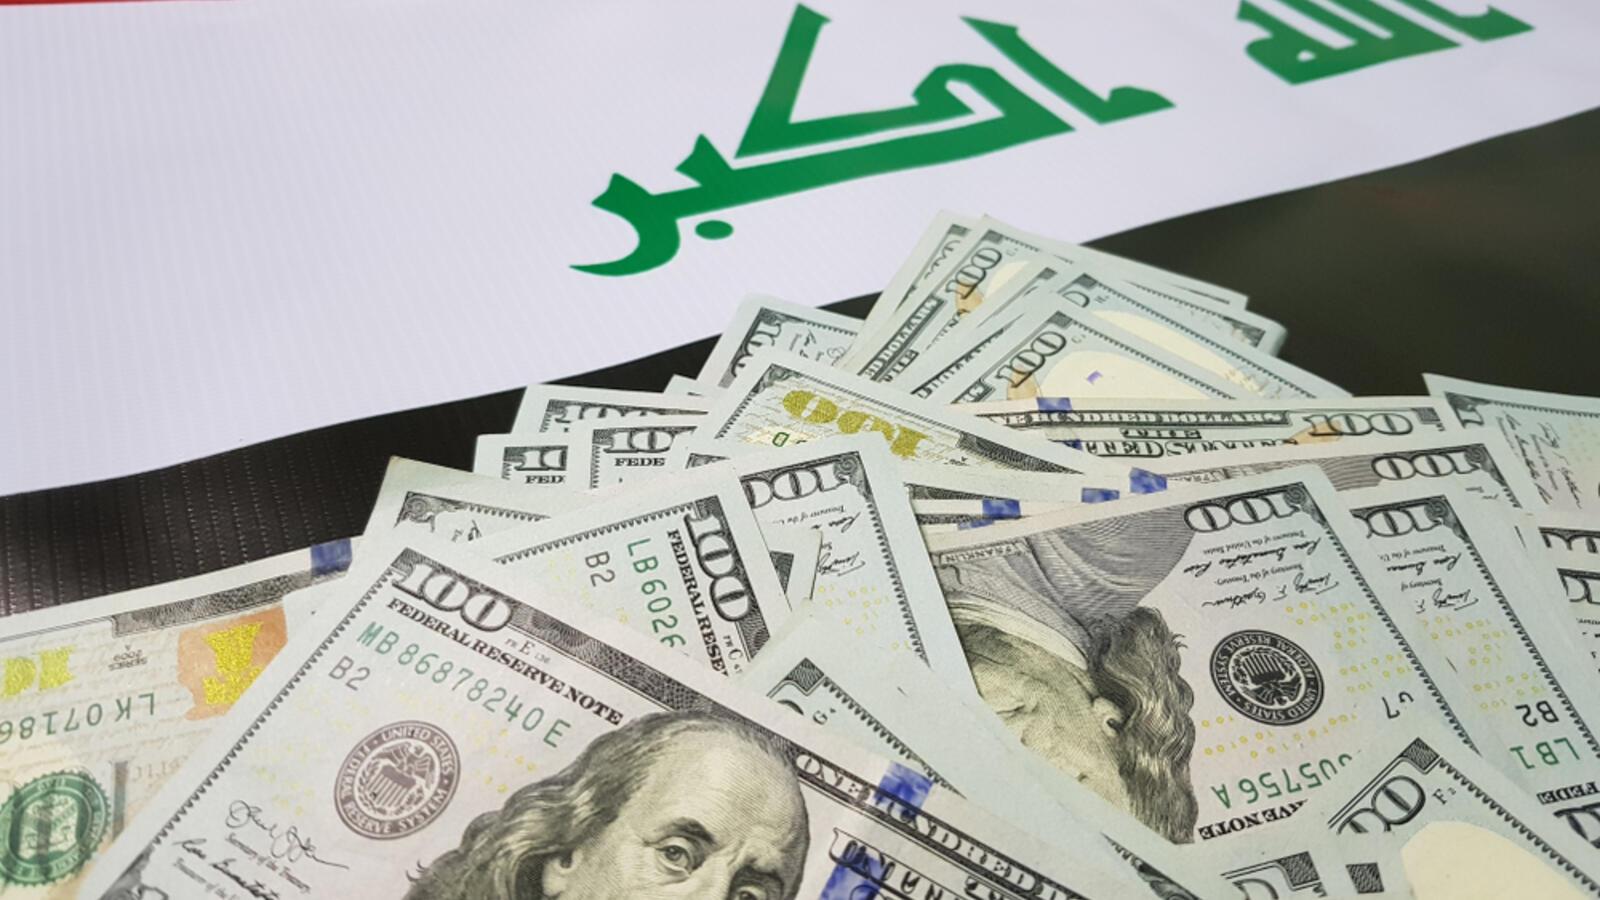 المالية النيابية: سنعود لمشكلة سداد الرواتب قريبا ما لم تطرح الحكومة ورقتها الإصلاحية